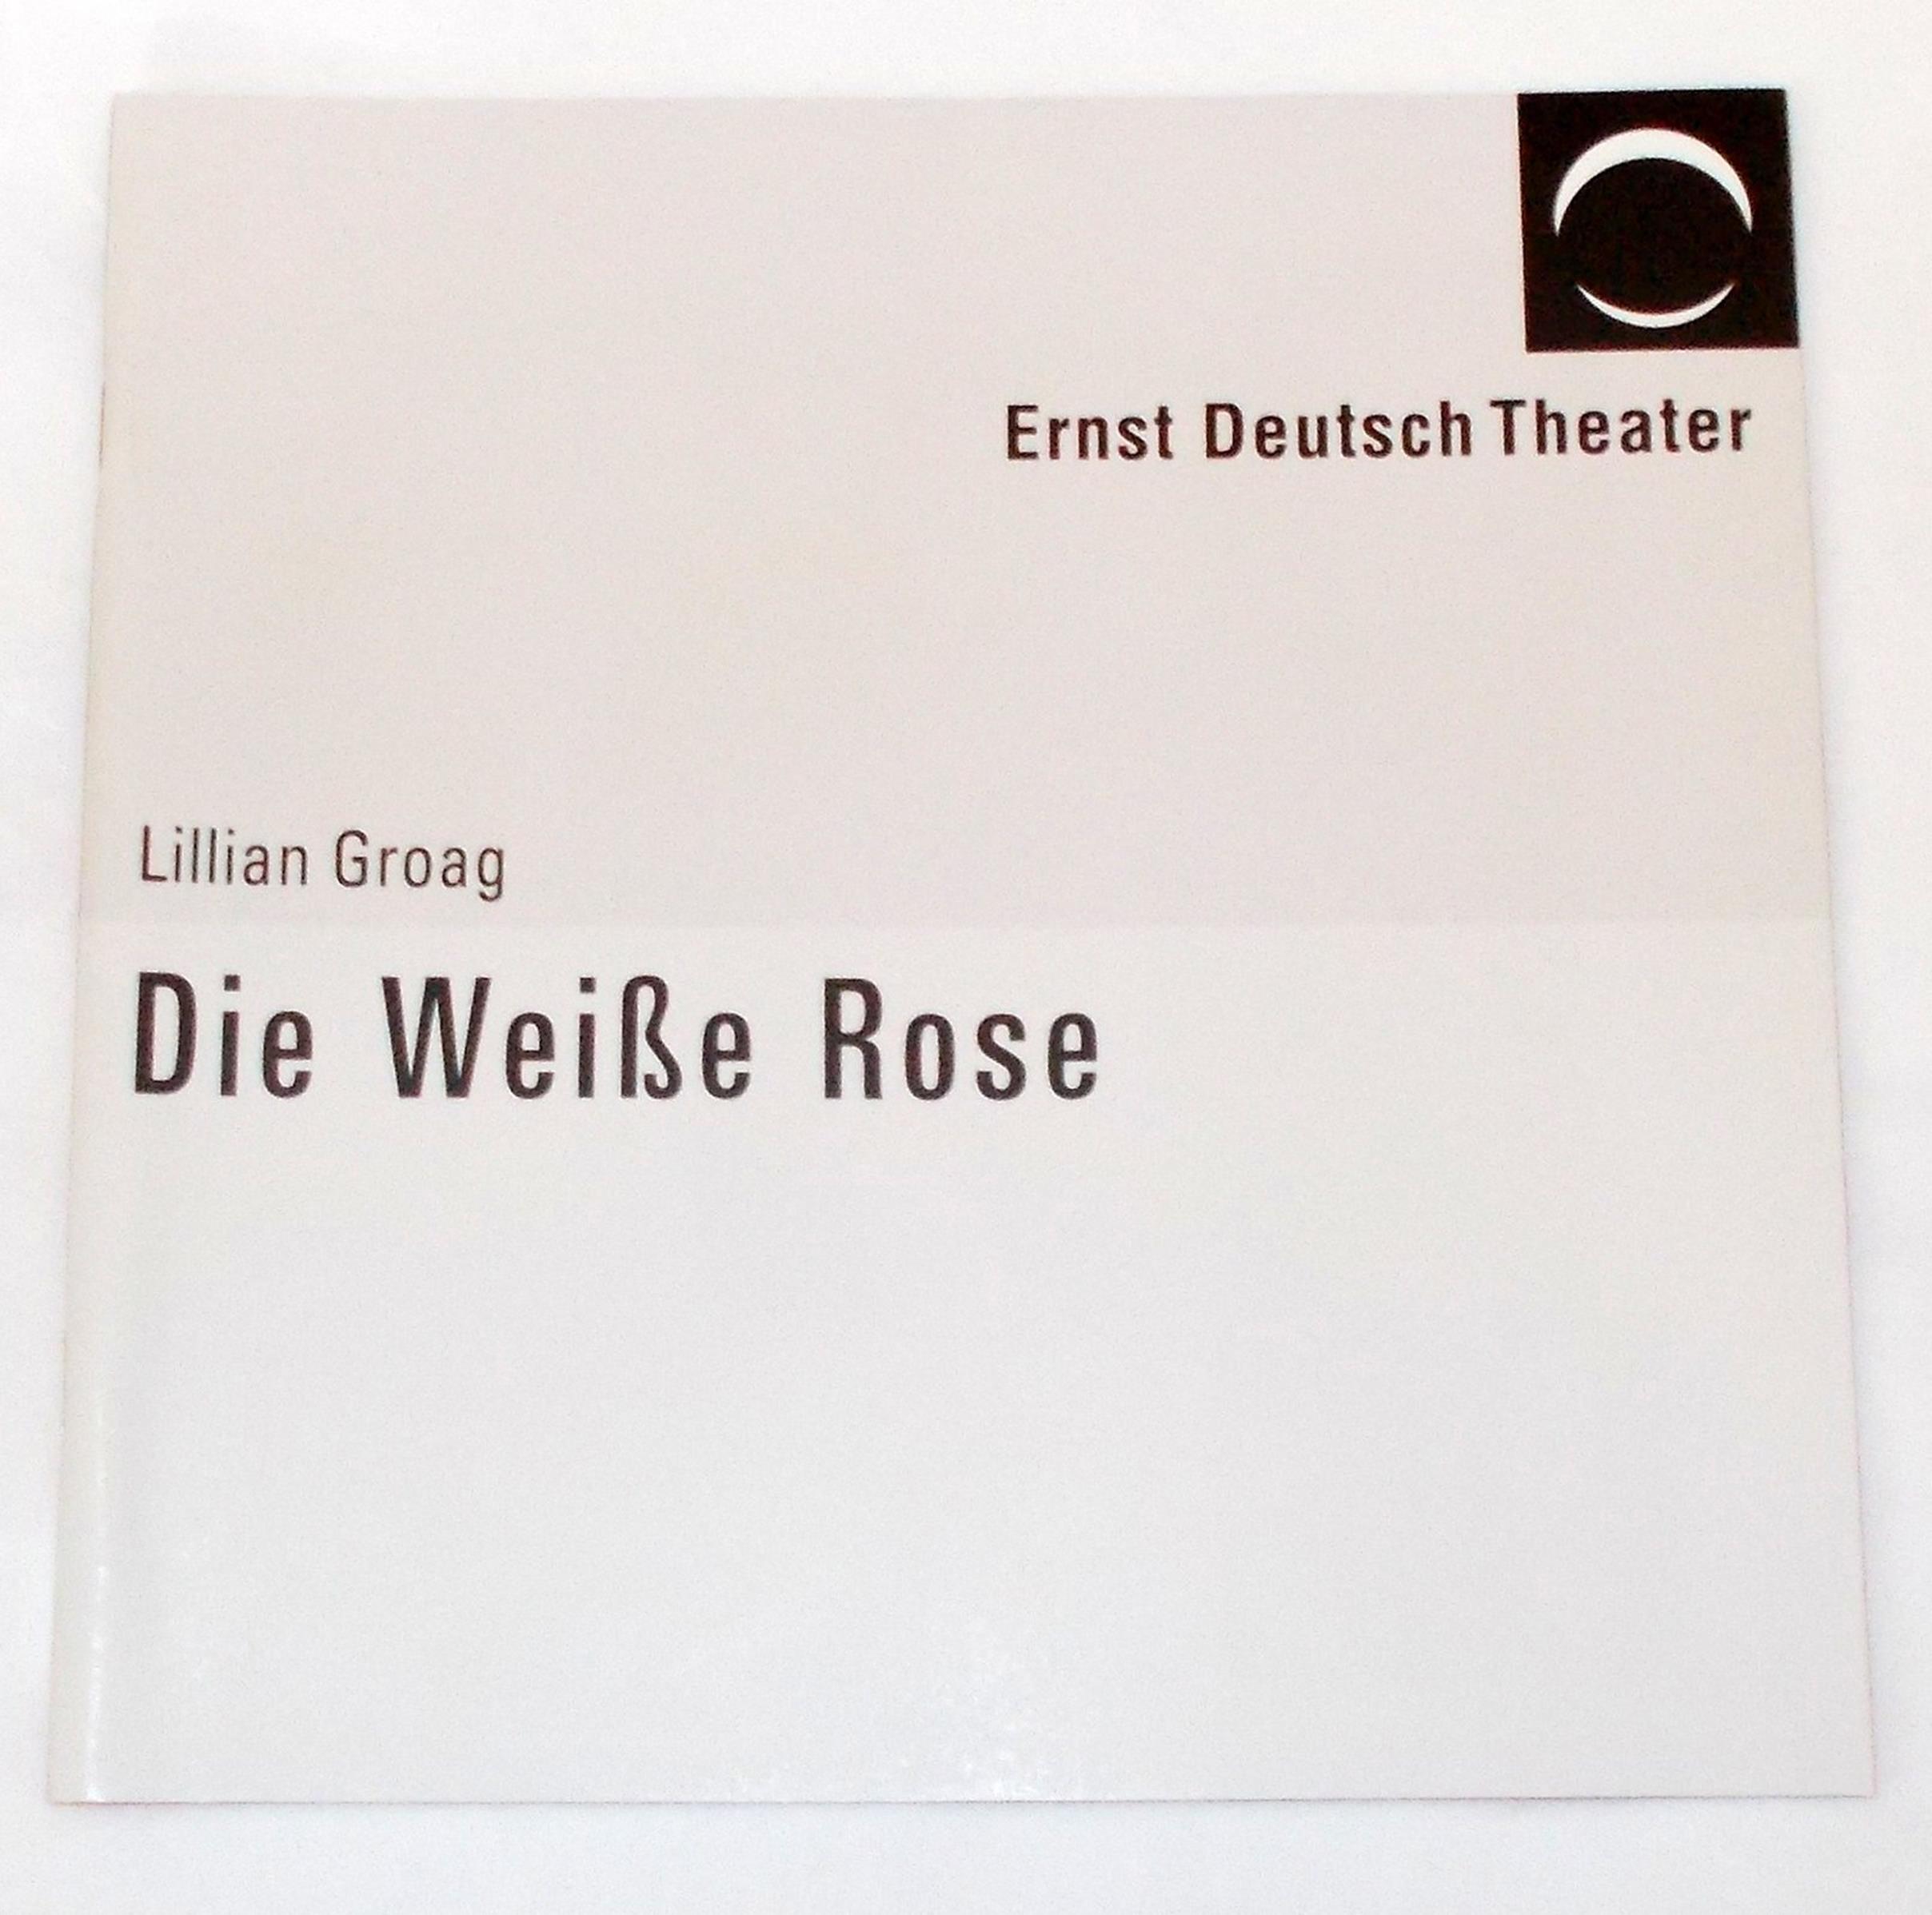 Programmheft Die Weiße Rose von Lillian Groag. Ernst Deutsch Theater 2005